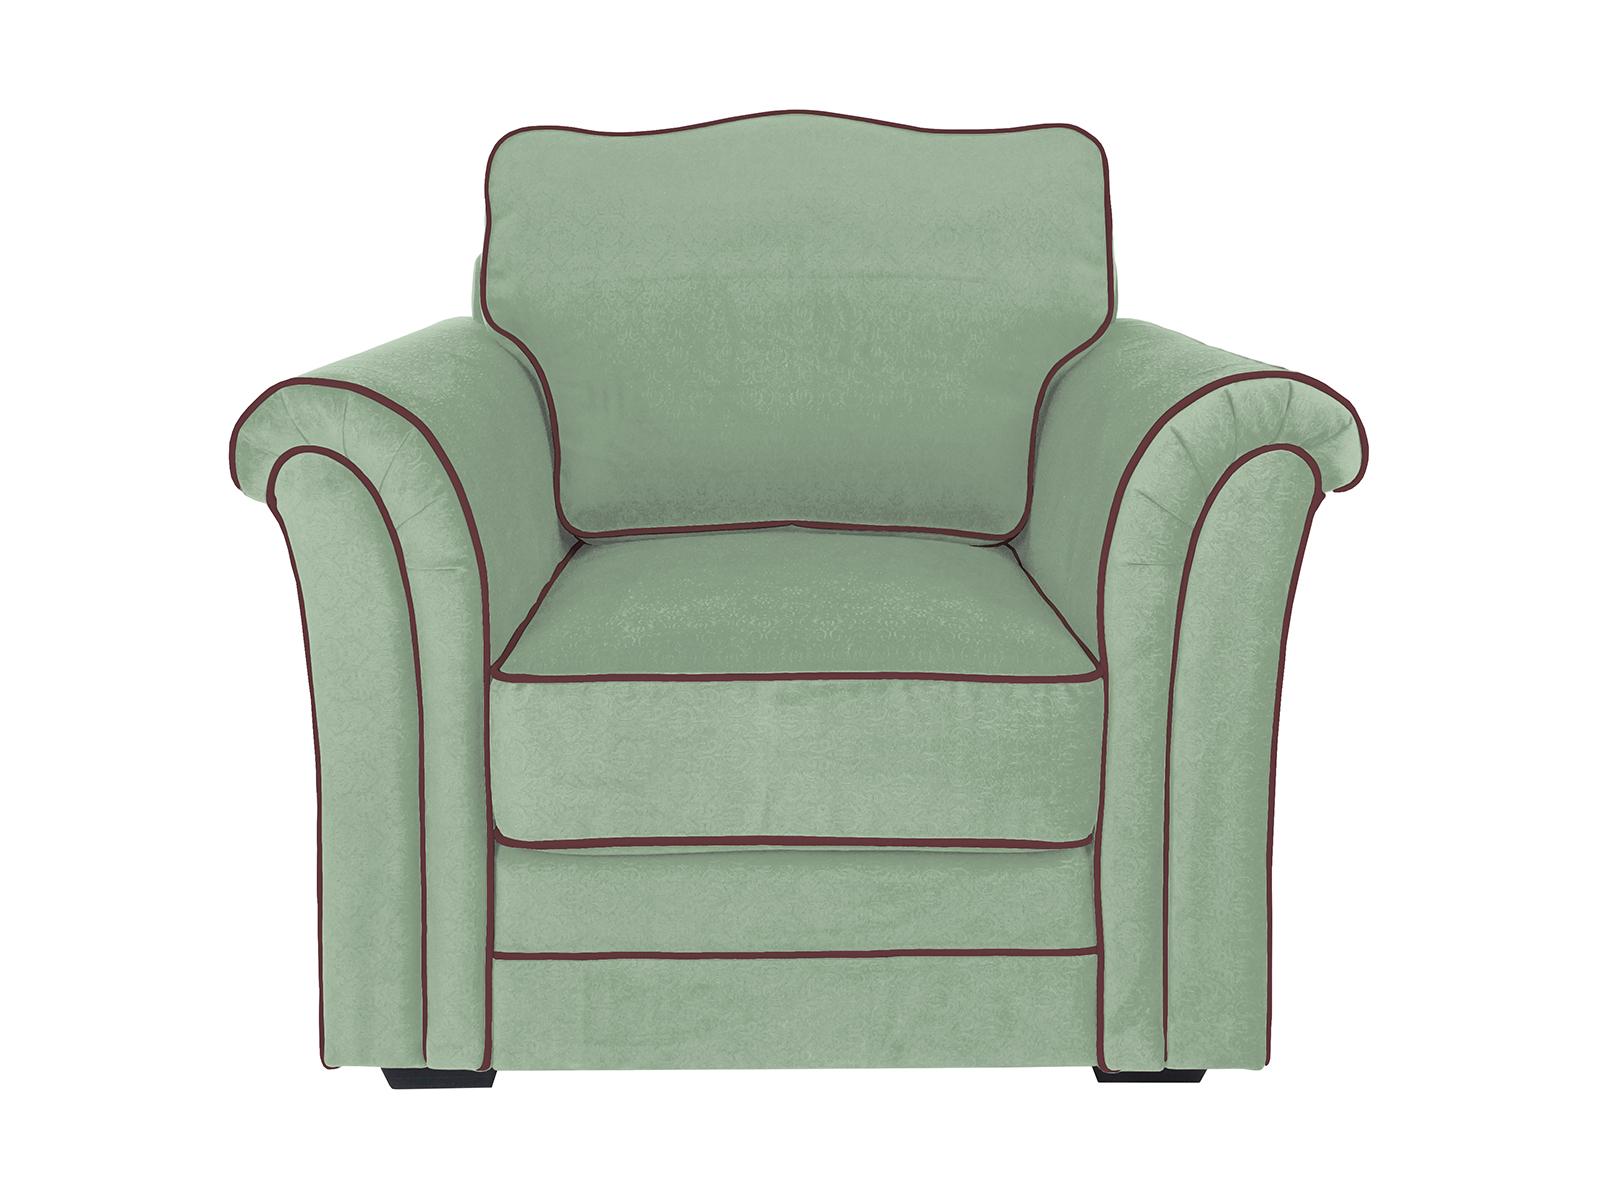 Кресло SydИнтерьерные кресла<br>&amp;lt;div&amp;gt;Материалы:&amp;lt;/div&amp;gt;&amp;lt;div&amp;gt;&amp;lt;div&amp;gt;Каркас: деревянный брус, фанера&amp;lt;/div&amp;gt;&amp;lt;div&amp;gt;Сиденье: пружинный блок, пенополиуретан, холлофайбер&amp;lt;/div&amp;gt;&amp;lt;div&amp;gt;Лицевой чехол: несъёмный&amp;lt;/div&amp;gt;&amp;lt;/div&amp;gt;&amp;lt;div&amp;gt;&amp;lt;br&amp;gt;&amp;lt;/div&amp;gt;&amp;lt;div&amp;gt;&amp;lt;div&amp;gt;Глубина сиденья: 57 cм&amp;lt;/div&amp;gt;&amp;lt;div&amp;gt;Высота сиденья: 48 cм&amp;lt;/div&amp;gt;&amp;lt;/div&amp;gt;&amp;lt;div&amp;gt;Ширина сиденья: 54 cм&amp;lt;/div&amp;gt;<br><br>Material: Текстиль<br>Ширина см: 103<br>Высота см: 97<br>Глубина см: 103